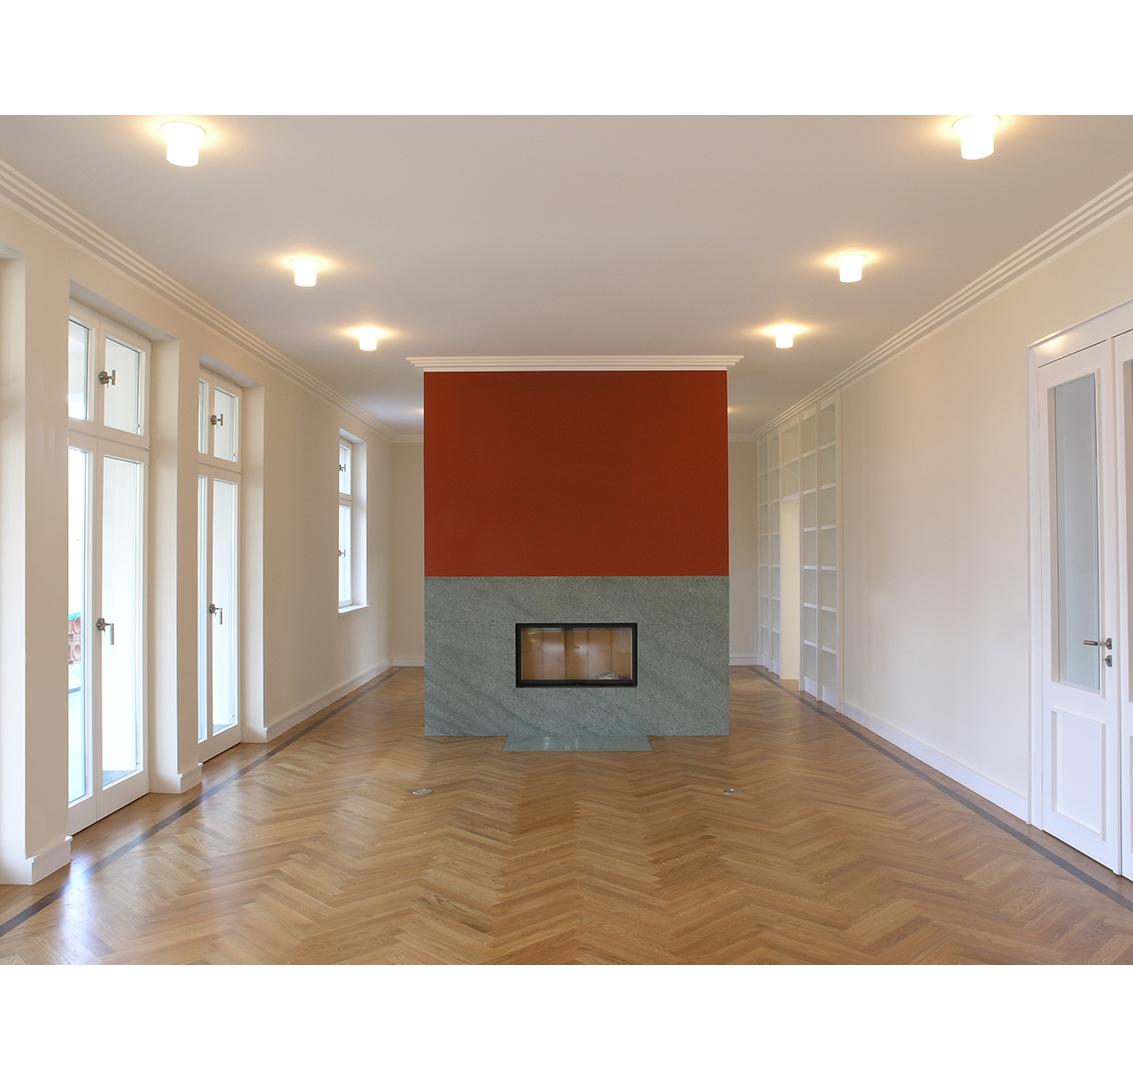 Haus N, Geltow | Sauerzapfe Architekten